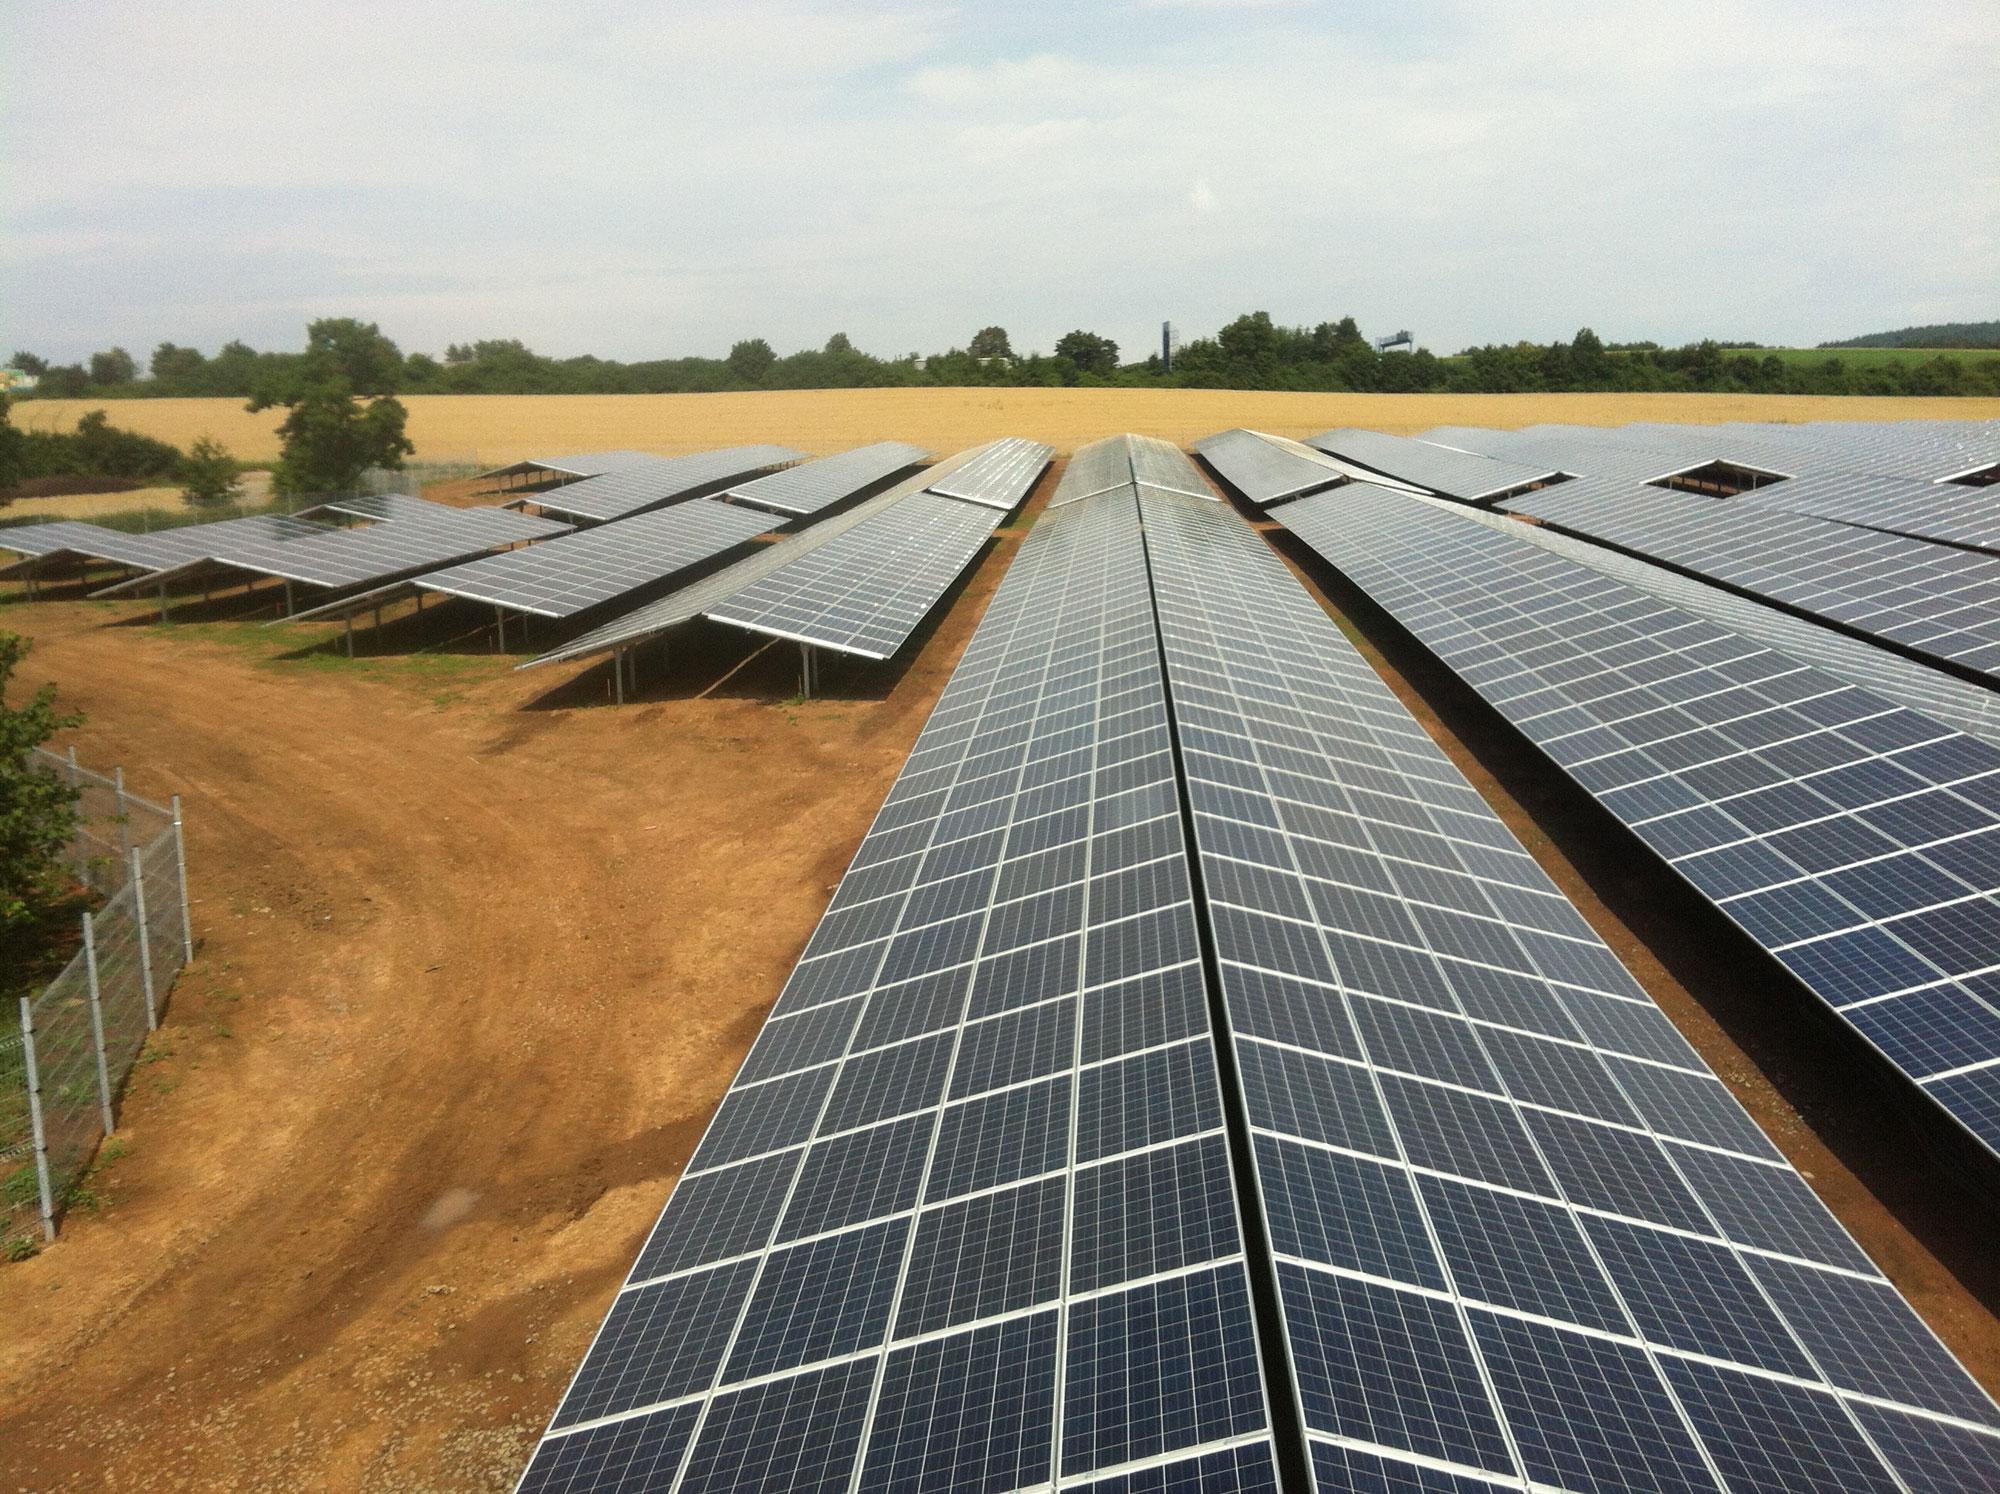 Energías renovables: La energía solar fotovoltaica se moviliza